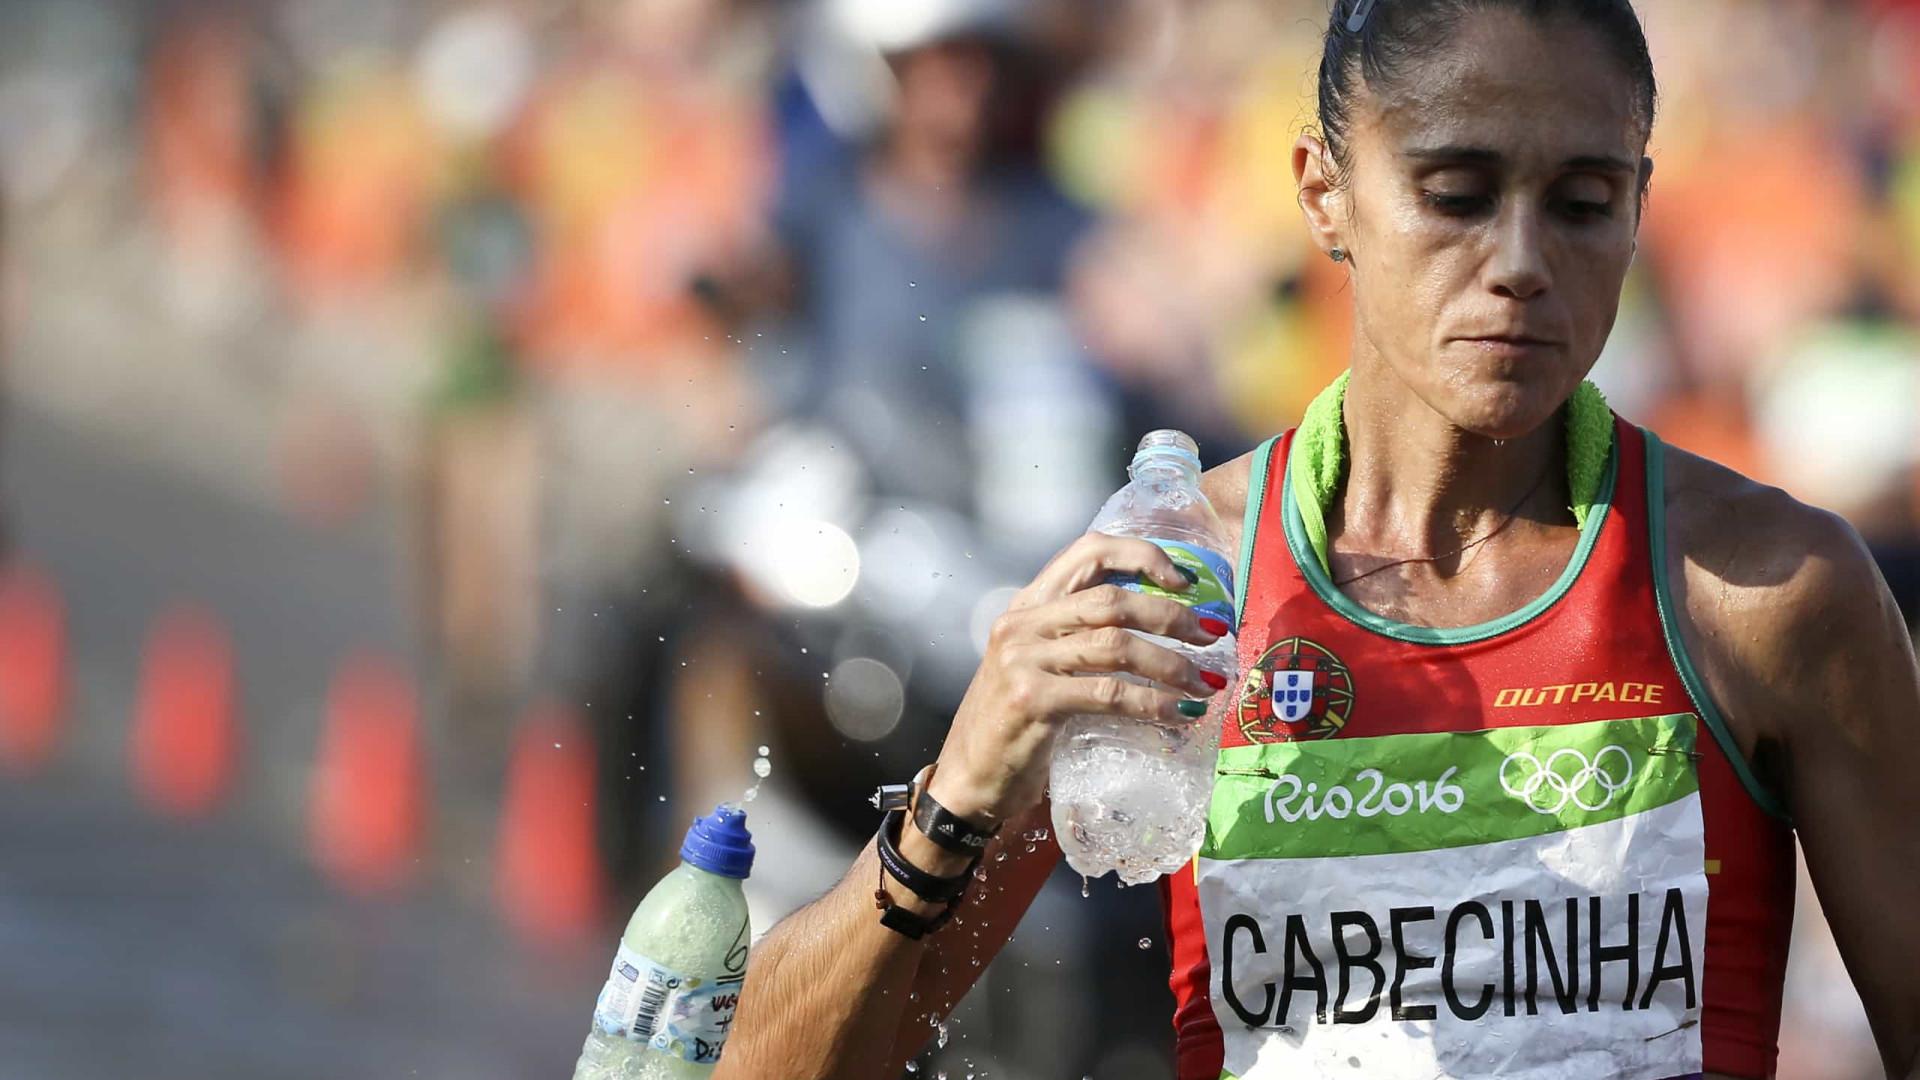 Cheiro a gás atrasou partida dos Europeus de atletismo